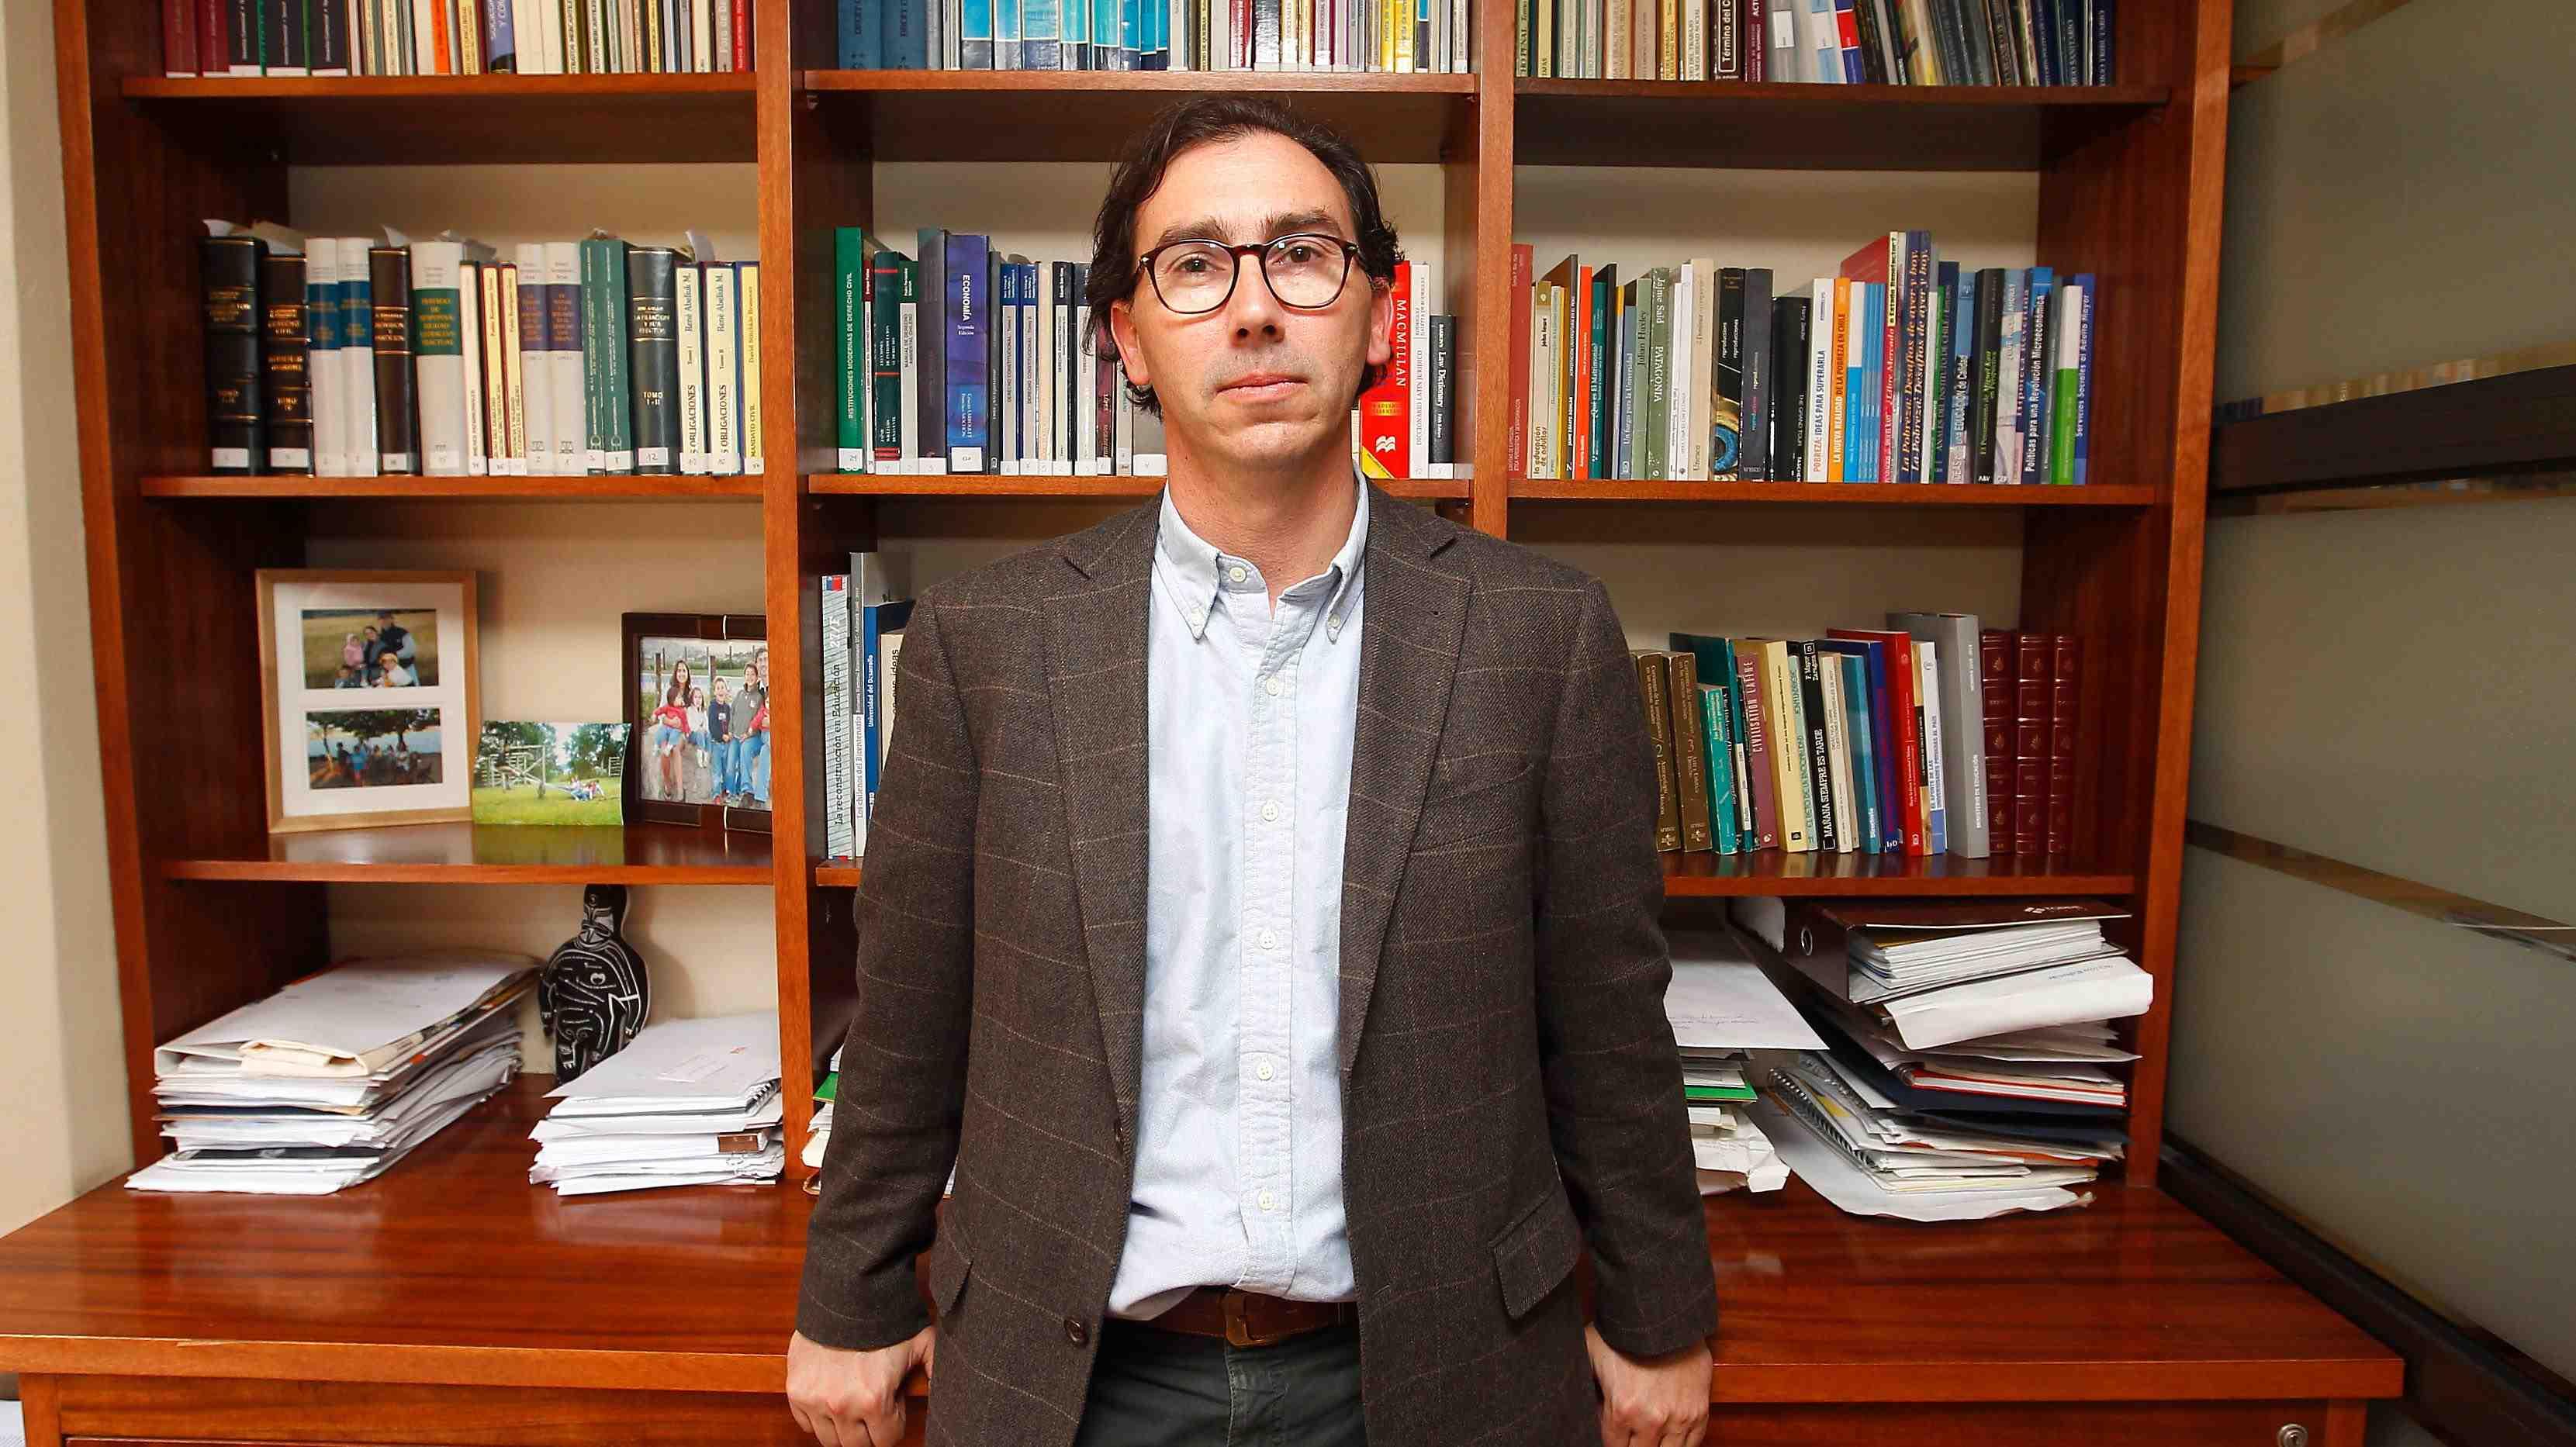 ¿Un perfil más técnico?: Expertos analizan a Raúl Figueroa, el nuevo subsecretario del Mineduc